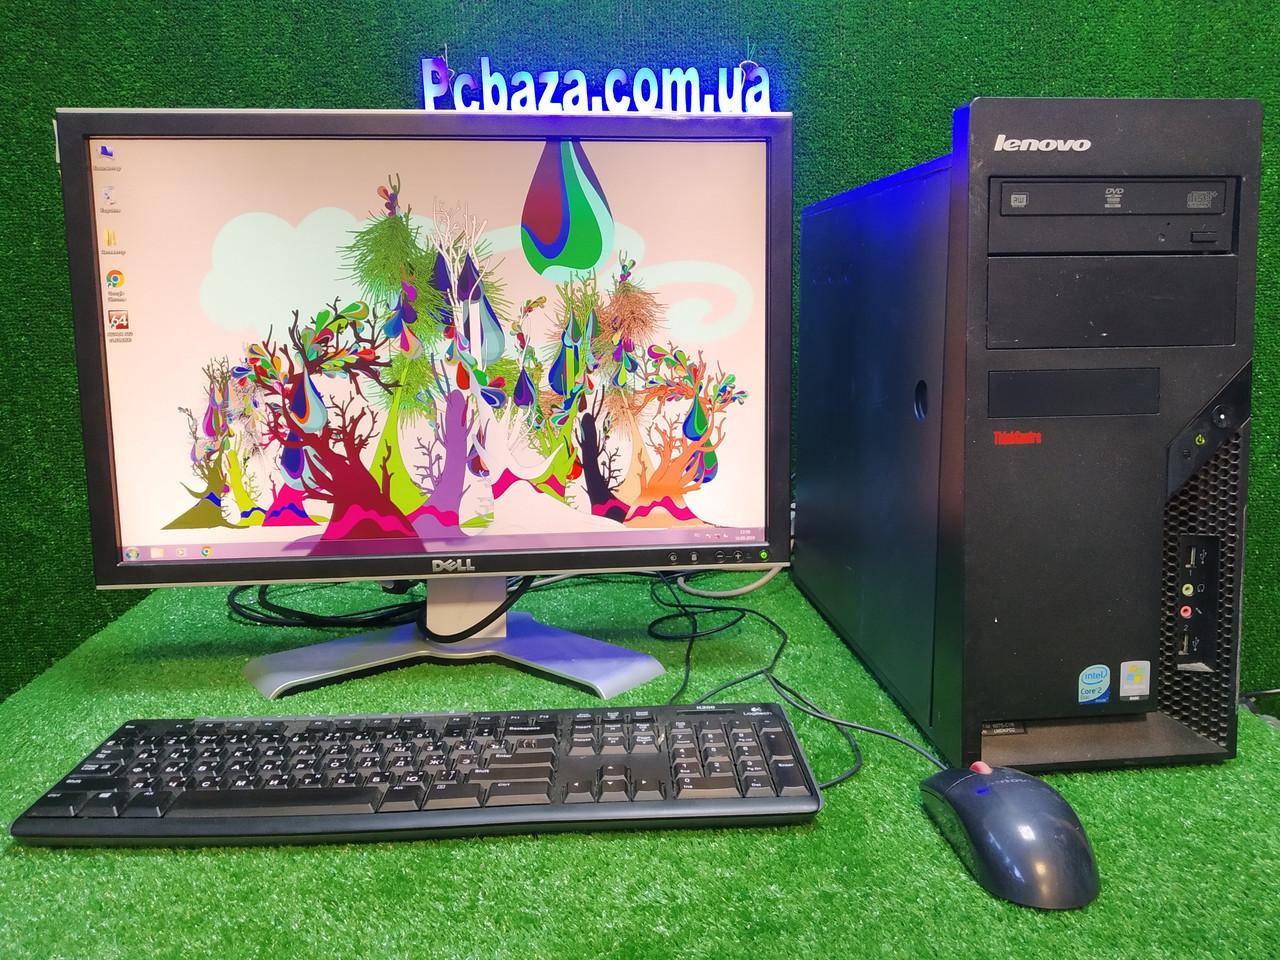 """Комплект игровой Lenovo, 4 ядра, 4 ГБ, 500 Гб HDD, Quadro 2000 1GB (GTS 450) +монитор 22"""" Dell"""